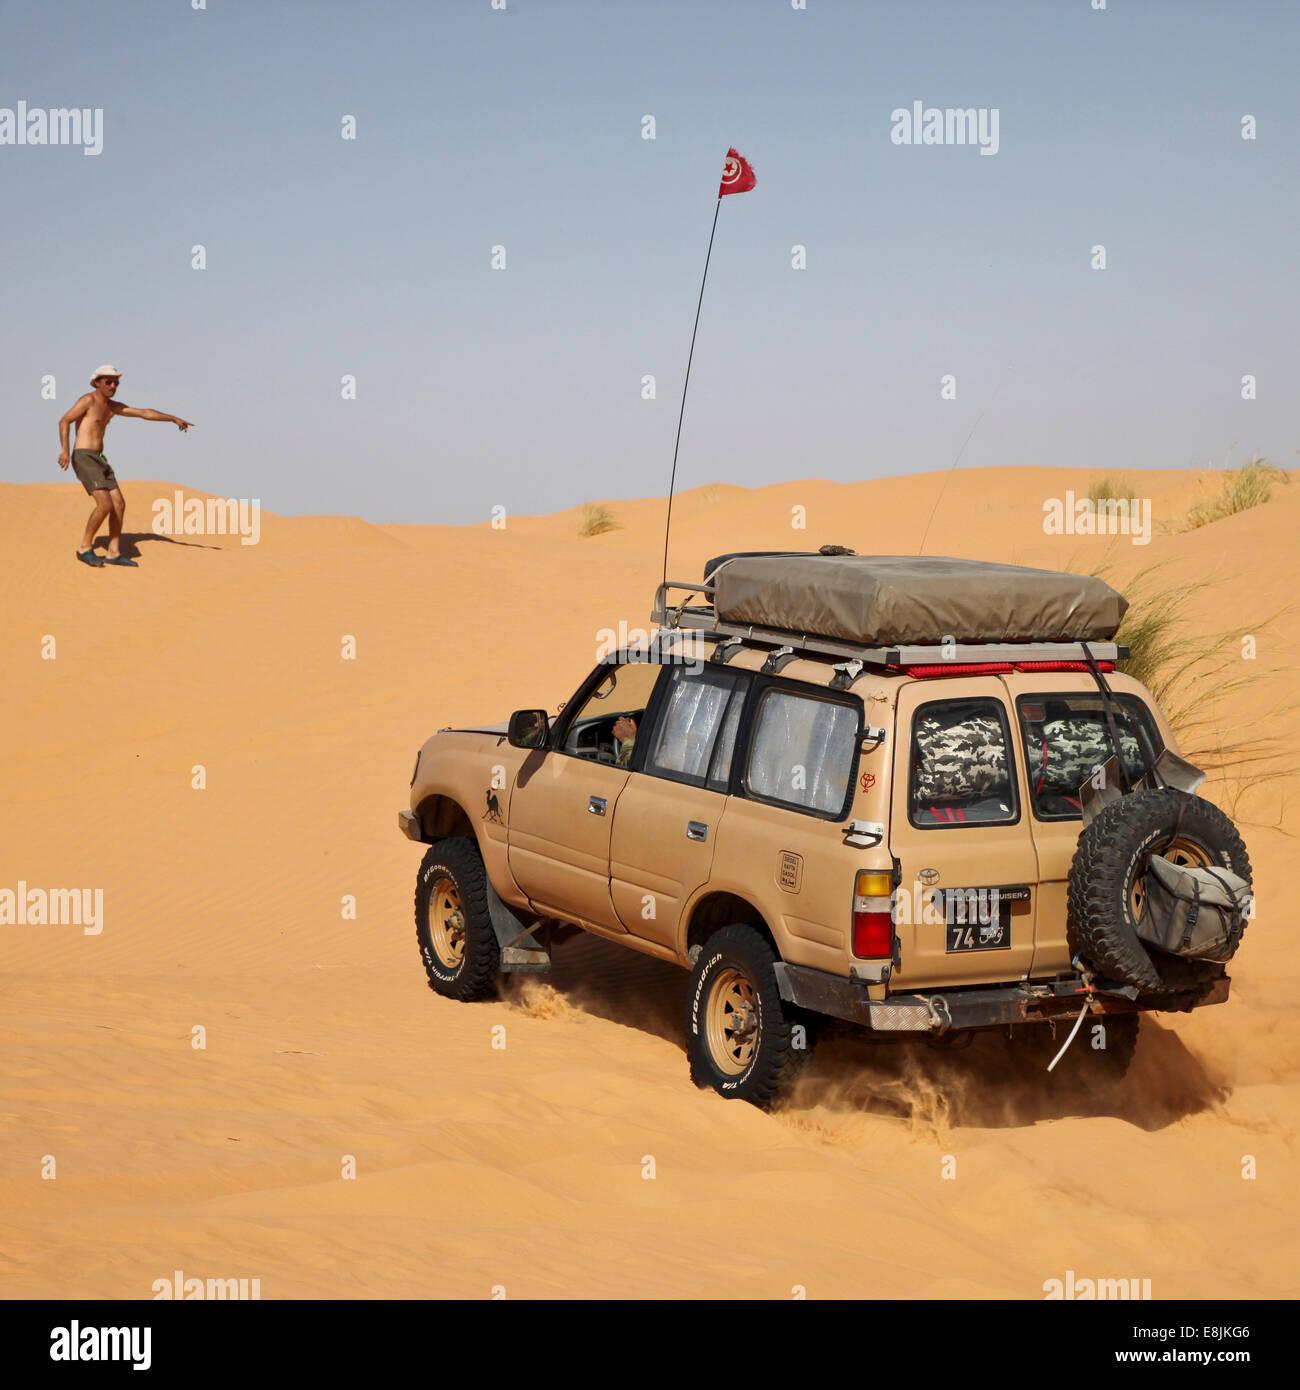 Veicolo nel deserto. Immagini Stock